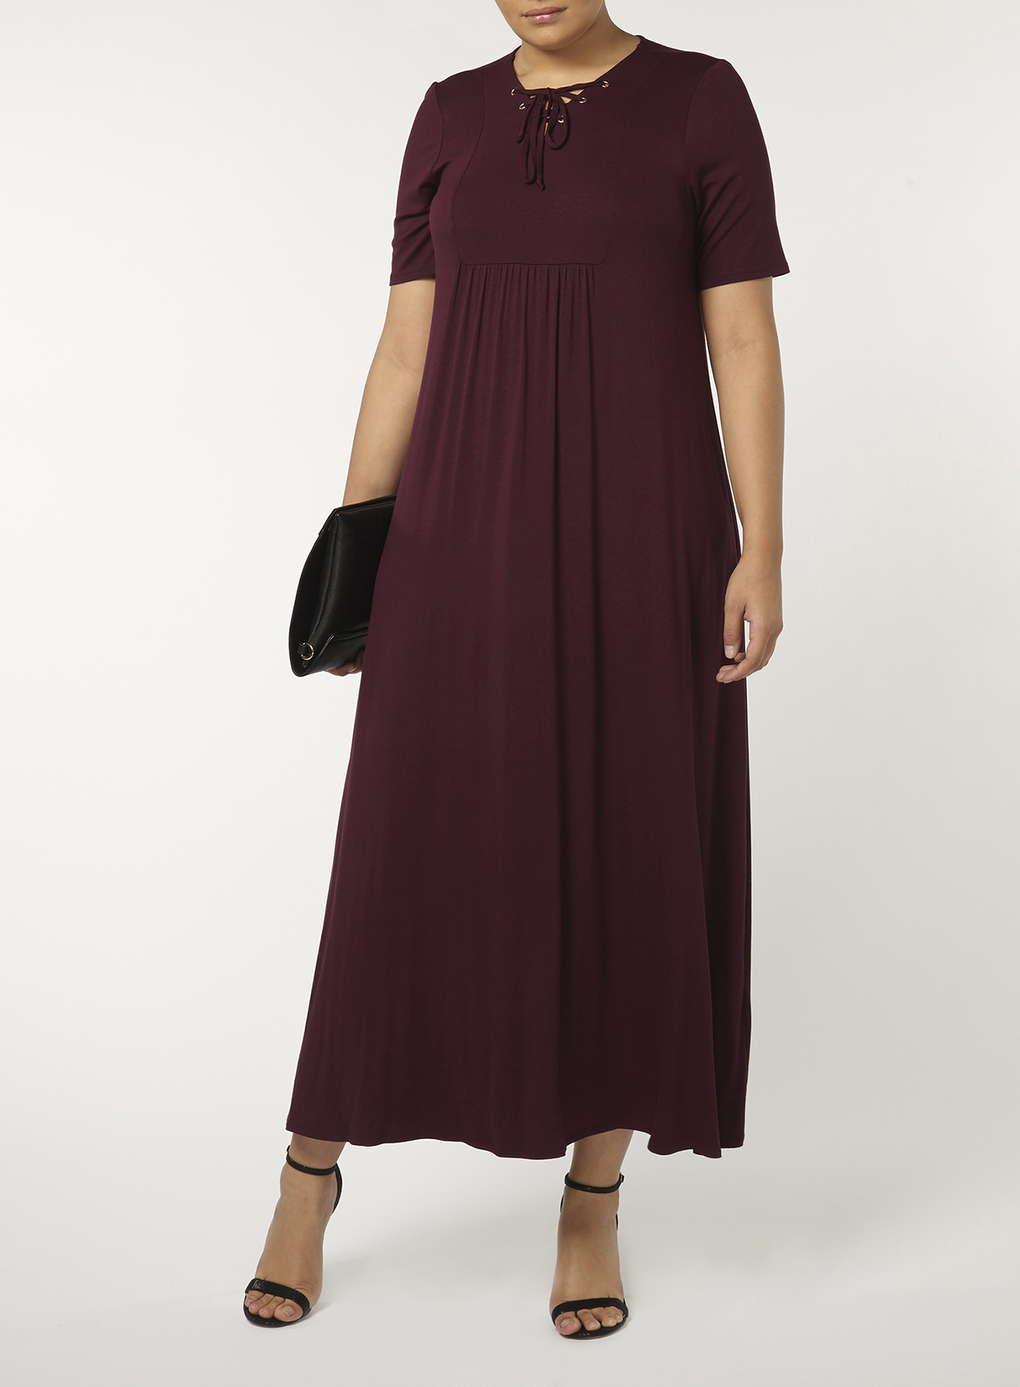 Büyük Beden Uzun Abiye Elbise Modelleri - Gece Elbiseleri - plus size dresses (3)